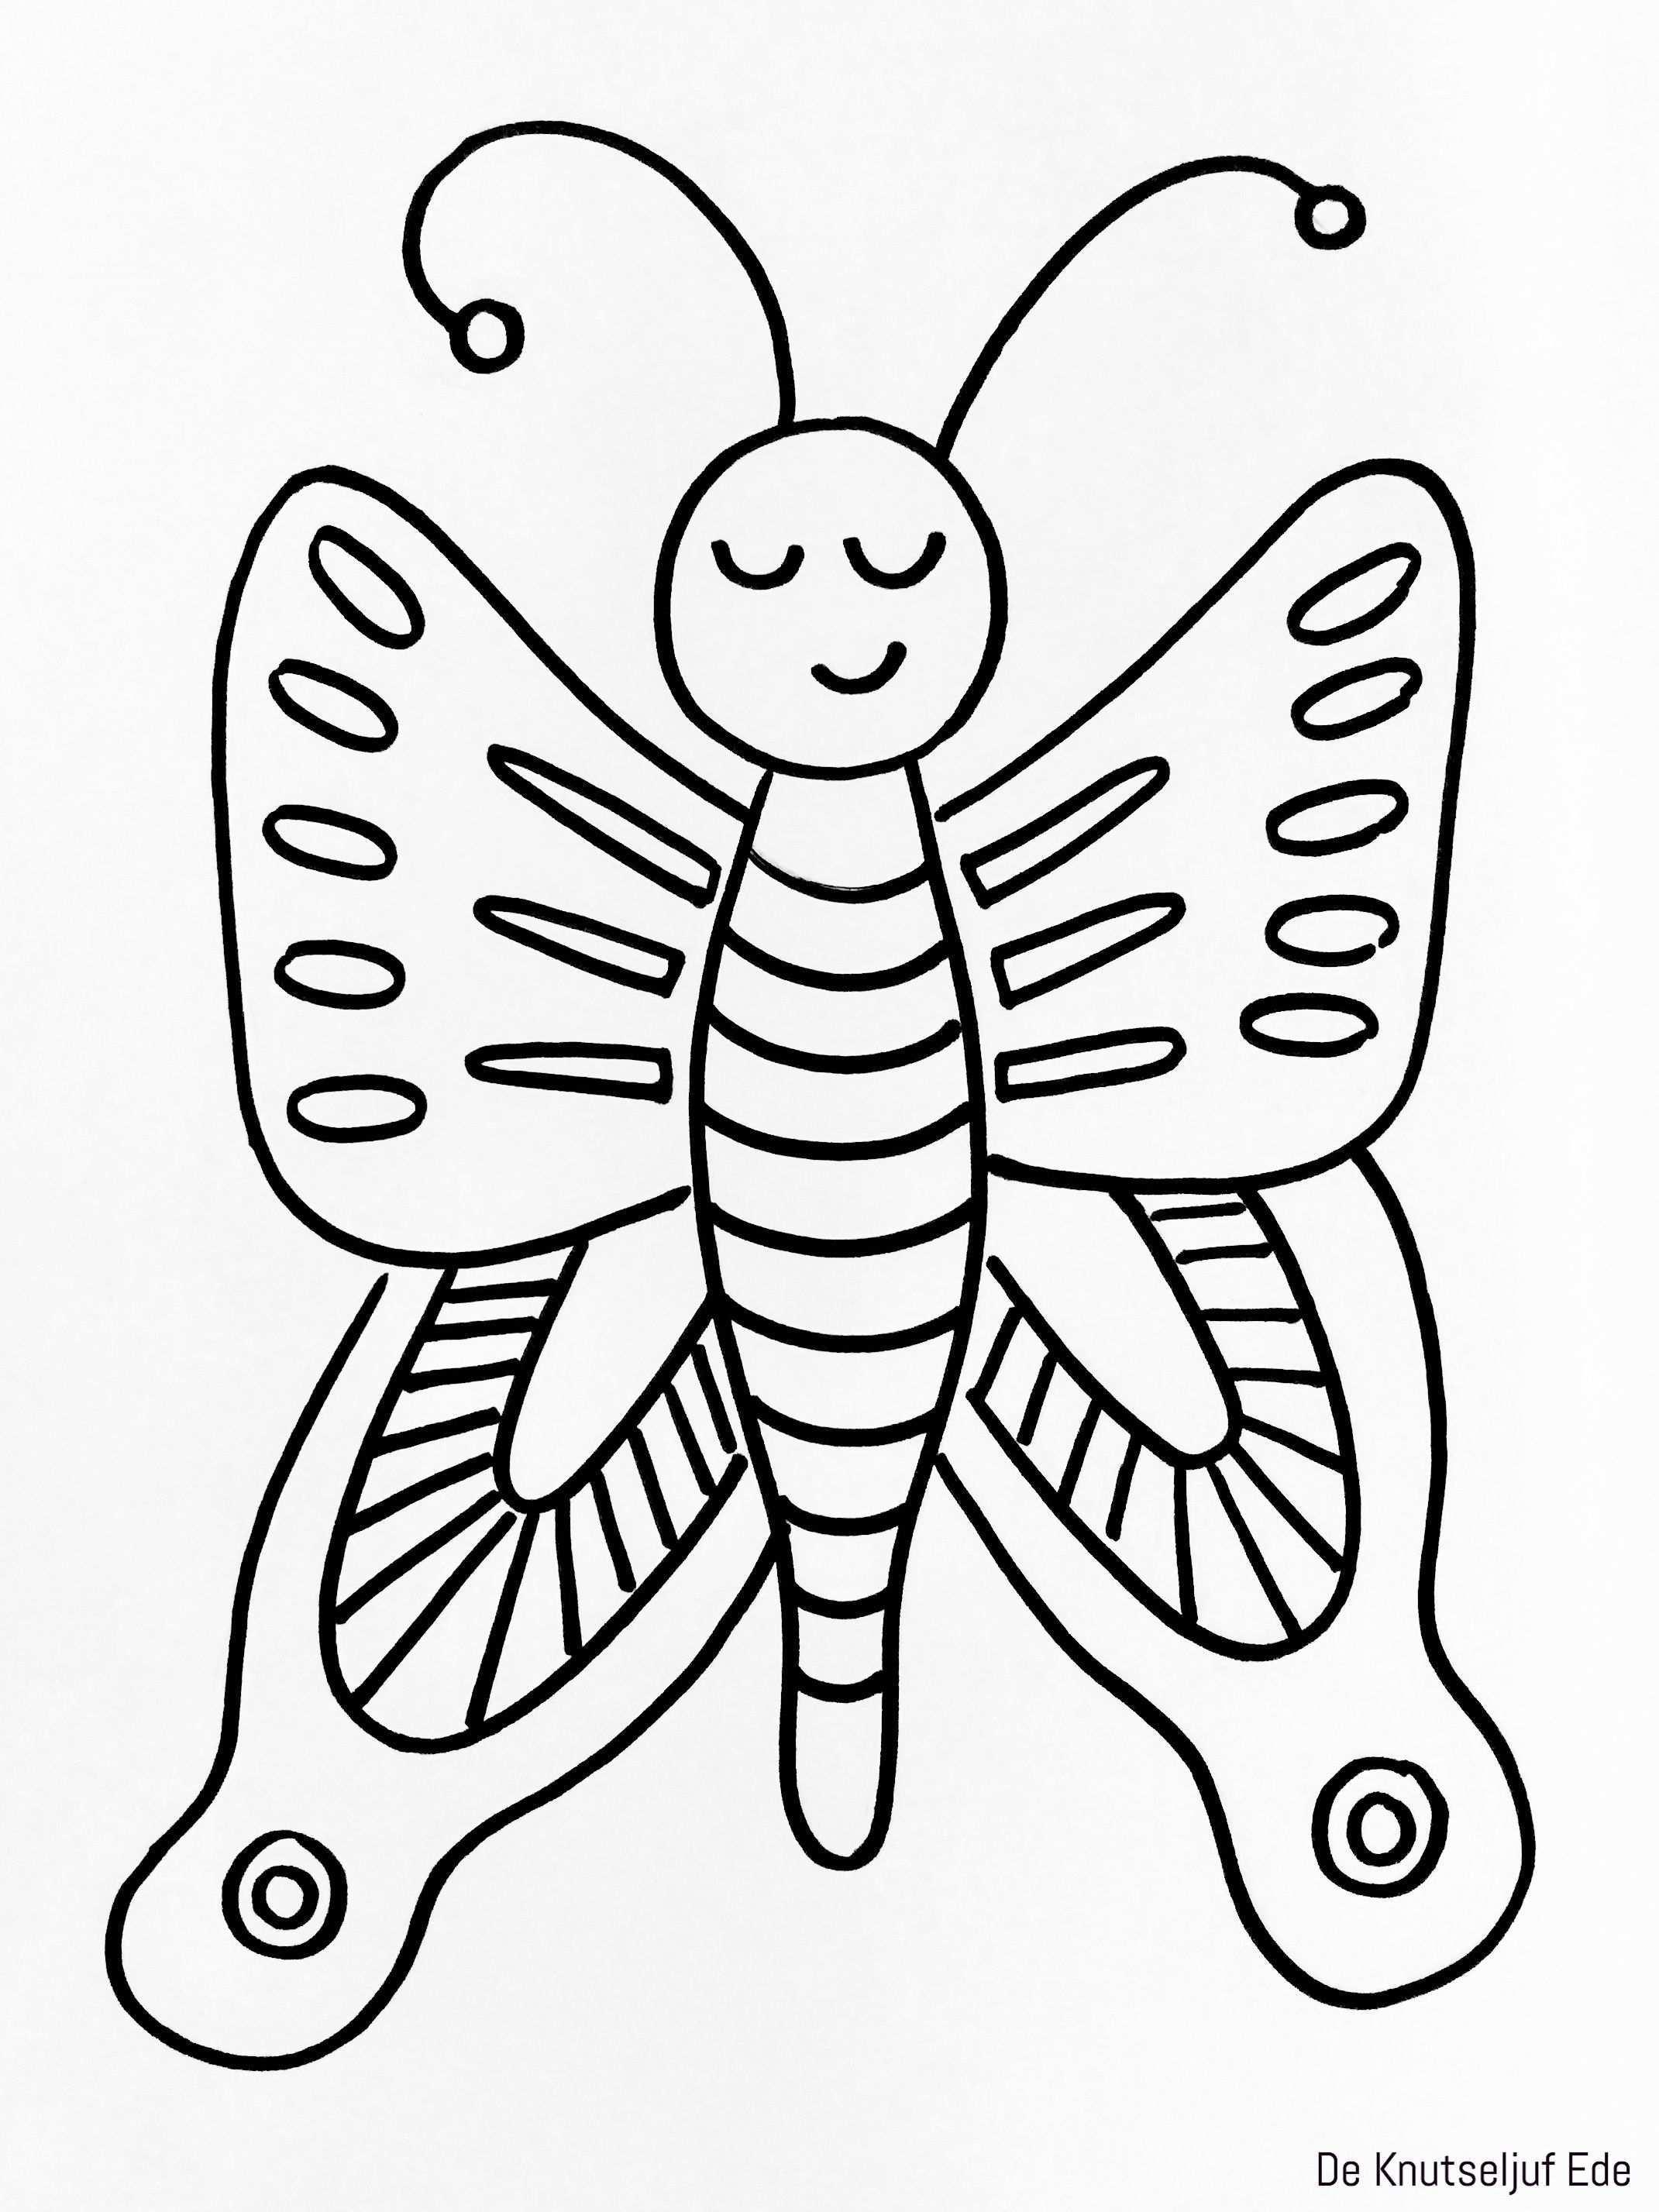 Van Eitje Tot Vlinder Kleurplaten Kleurplaat Kleurplaten Vlinders Rupsen Cyclus Van Eitje Tot Vlindertjes Kleurplaten Voor Kinderen Kleurboek Kleurplaten